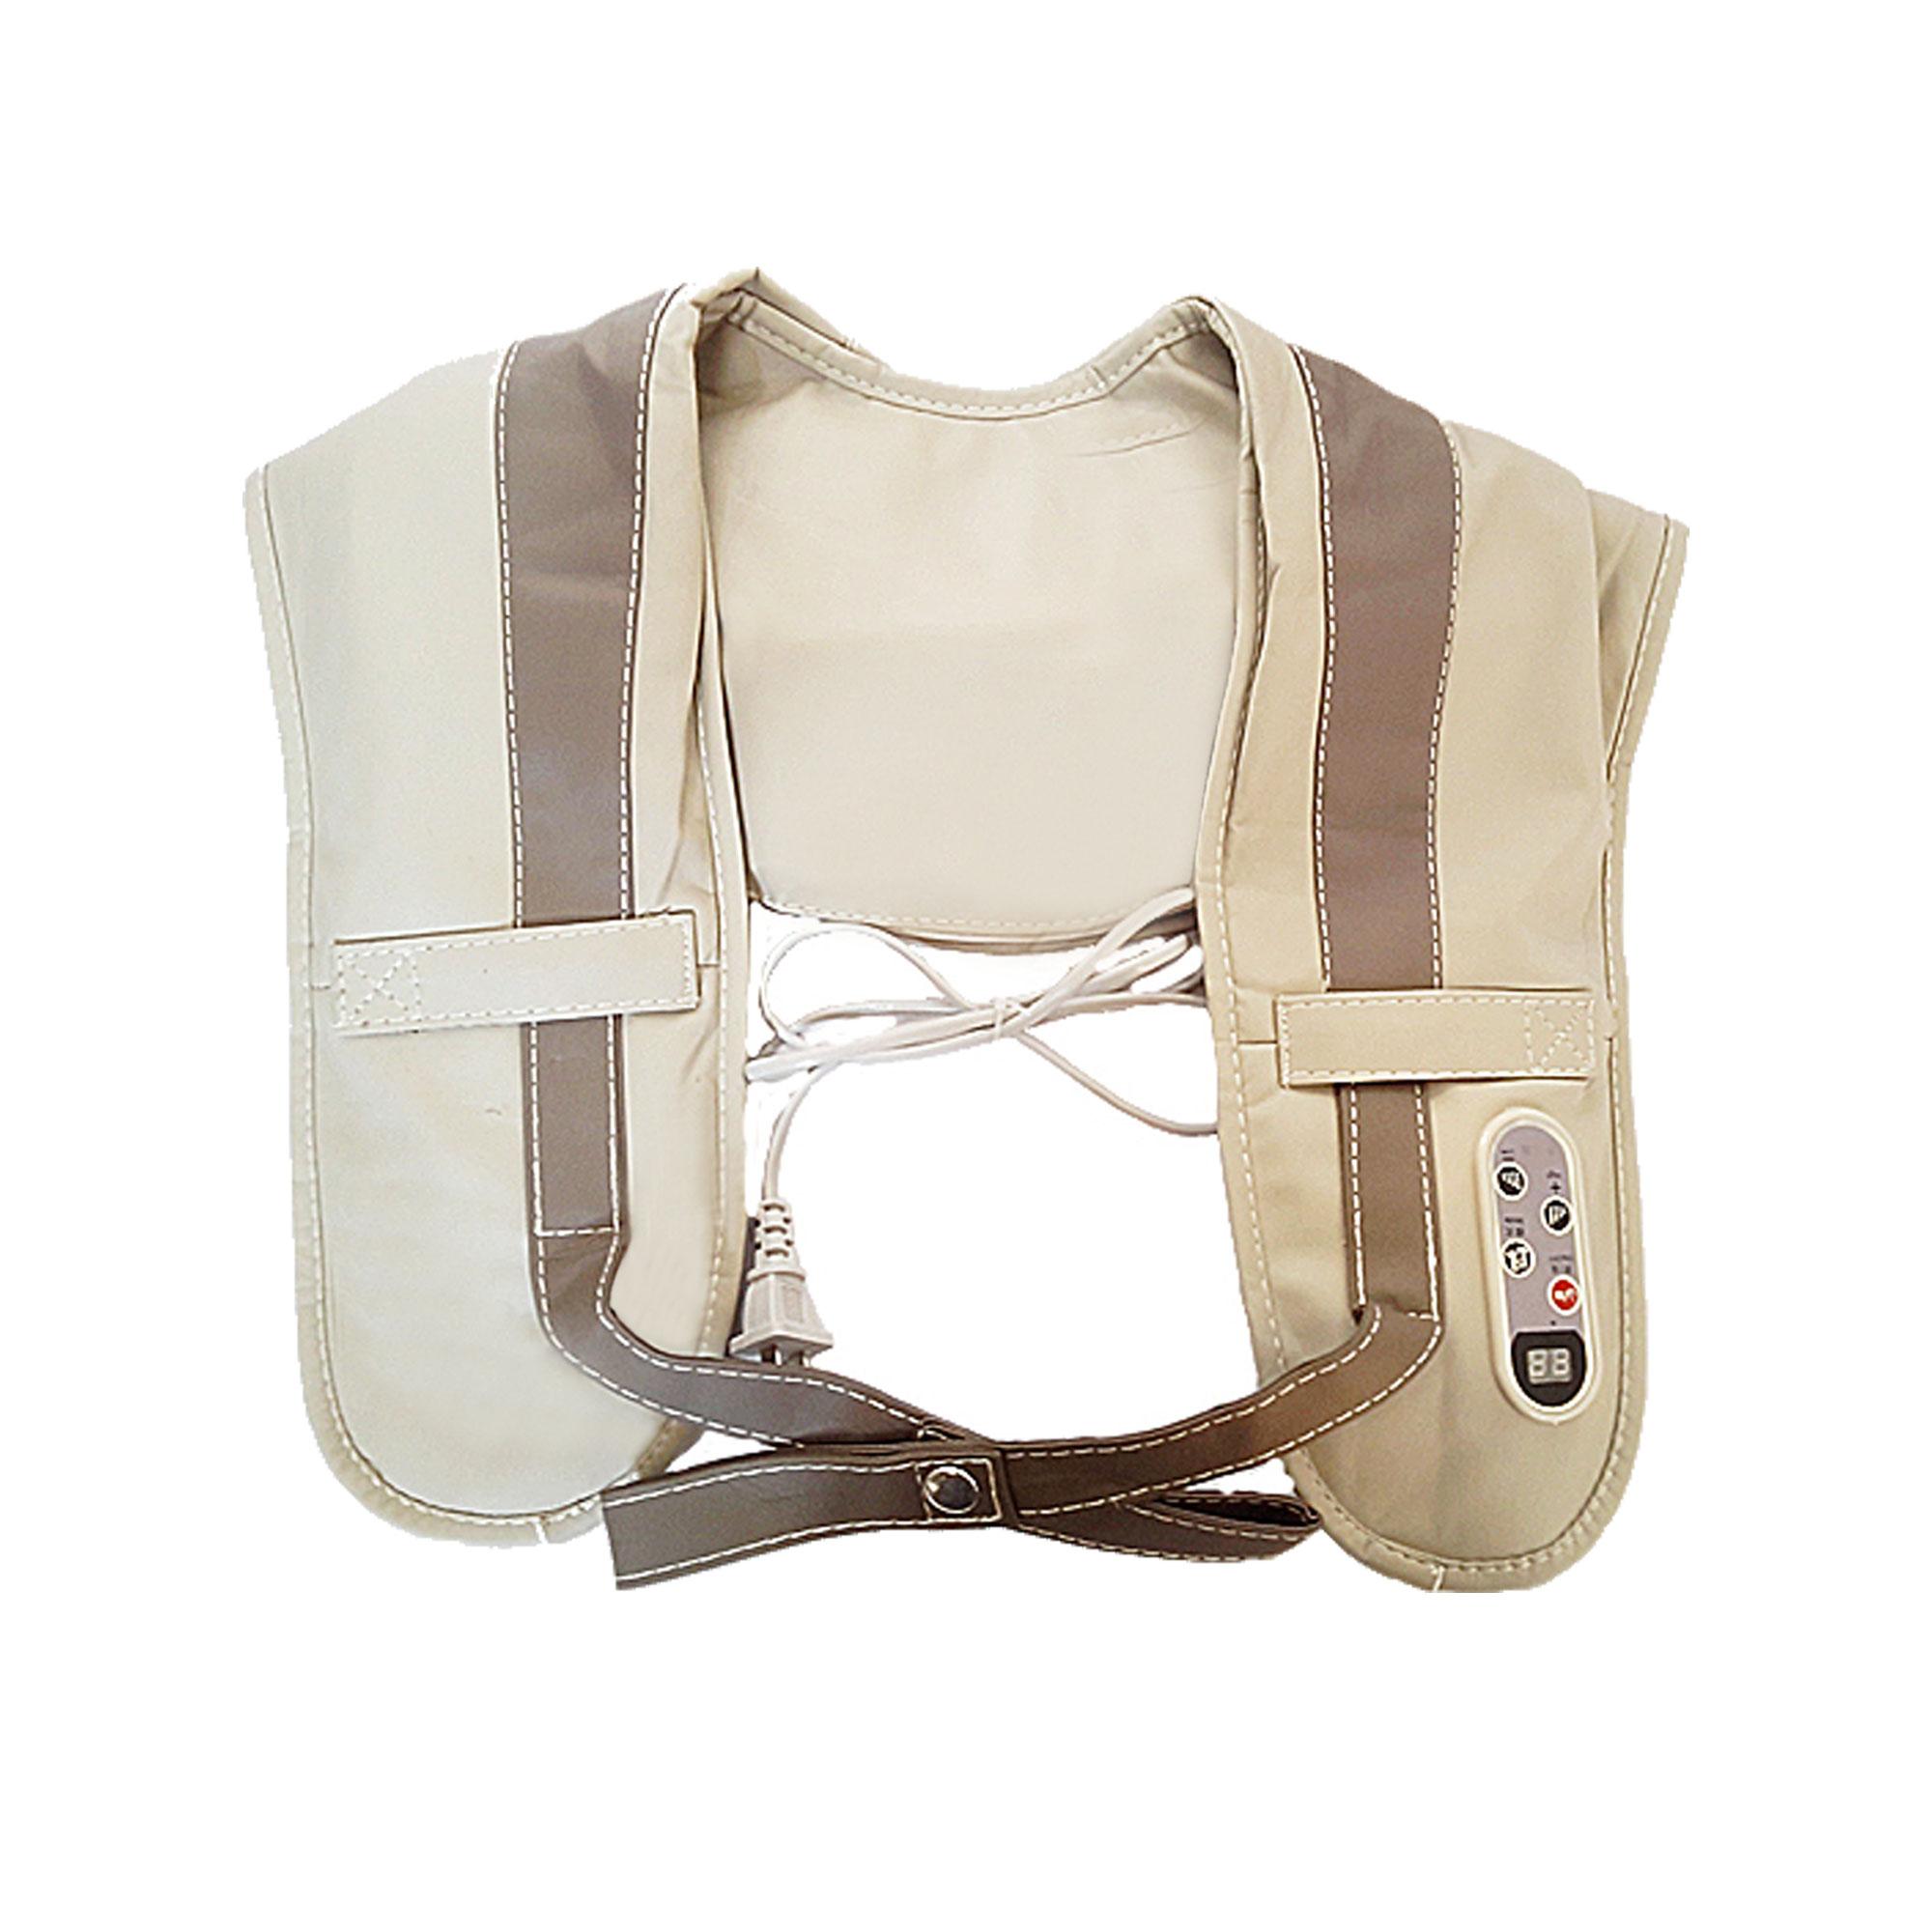 (Loại Tốt)  Đai Đeo - Máy Mát Xa Massage KhoNCC Hàng Chính Hãng - Điều Trị Lưng Vai Cổ Giải Tỏa Căng Thẳng Tôn Vinh Dáng Đẹp - KPD-MSLW808-651